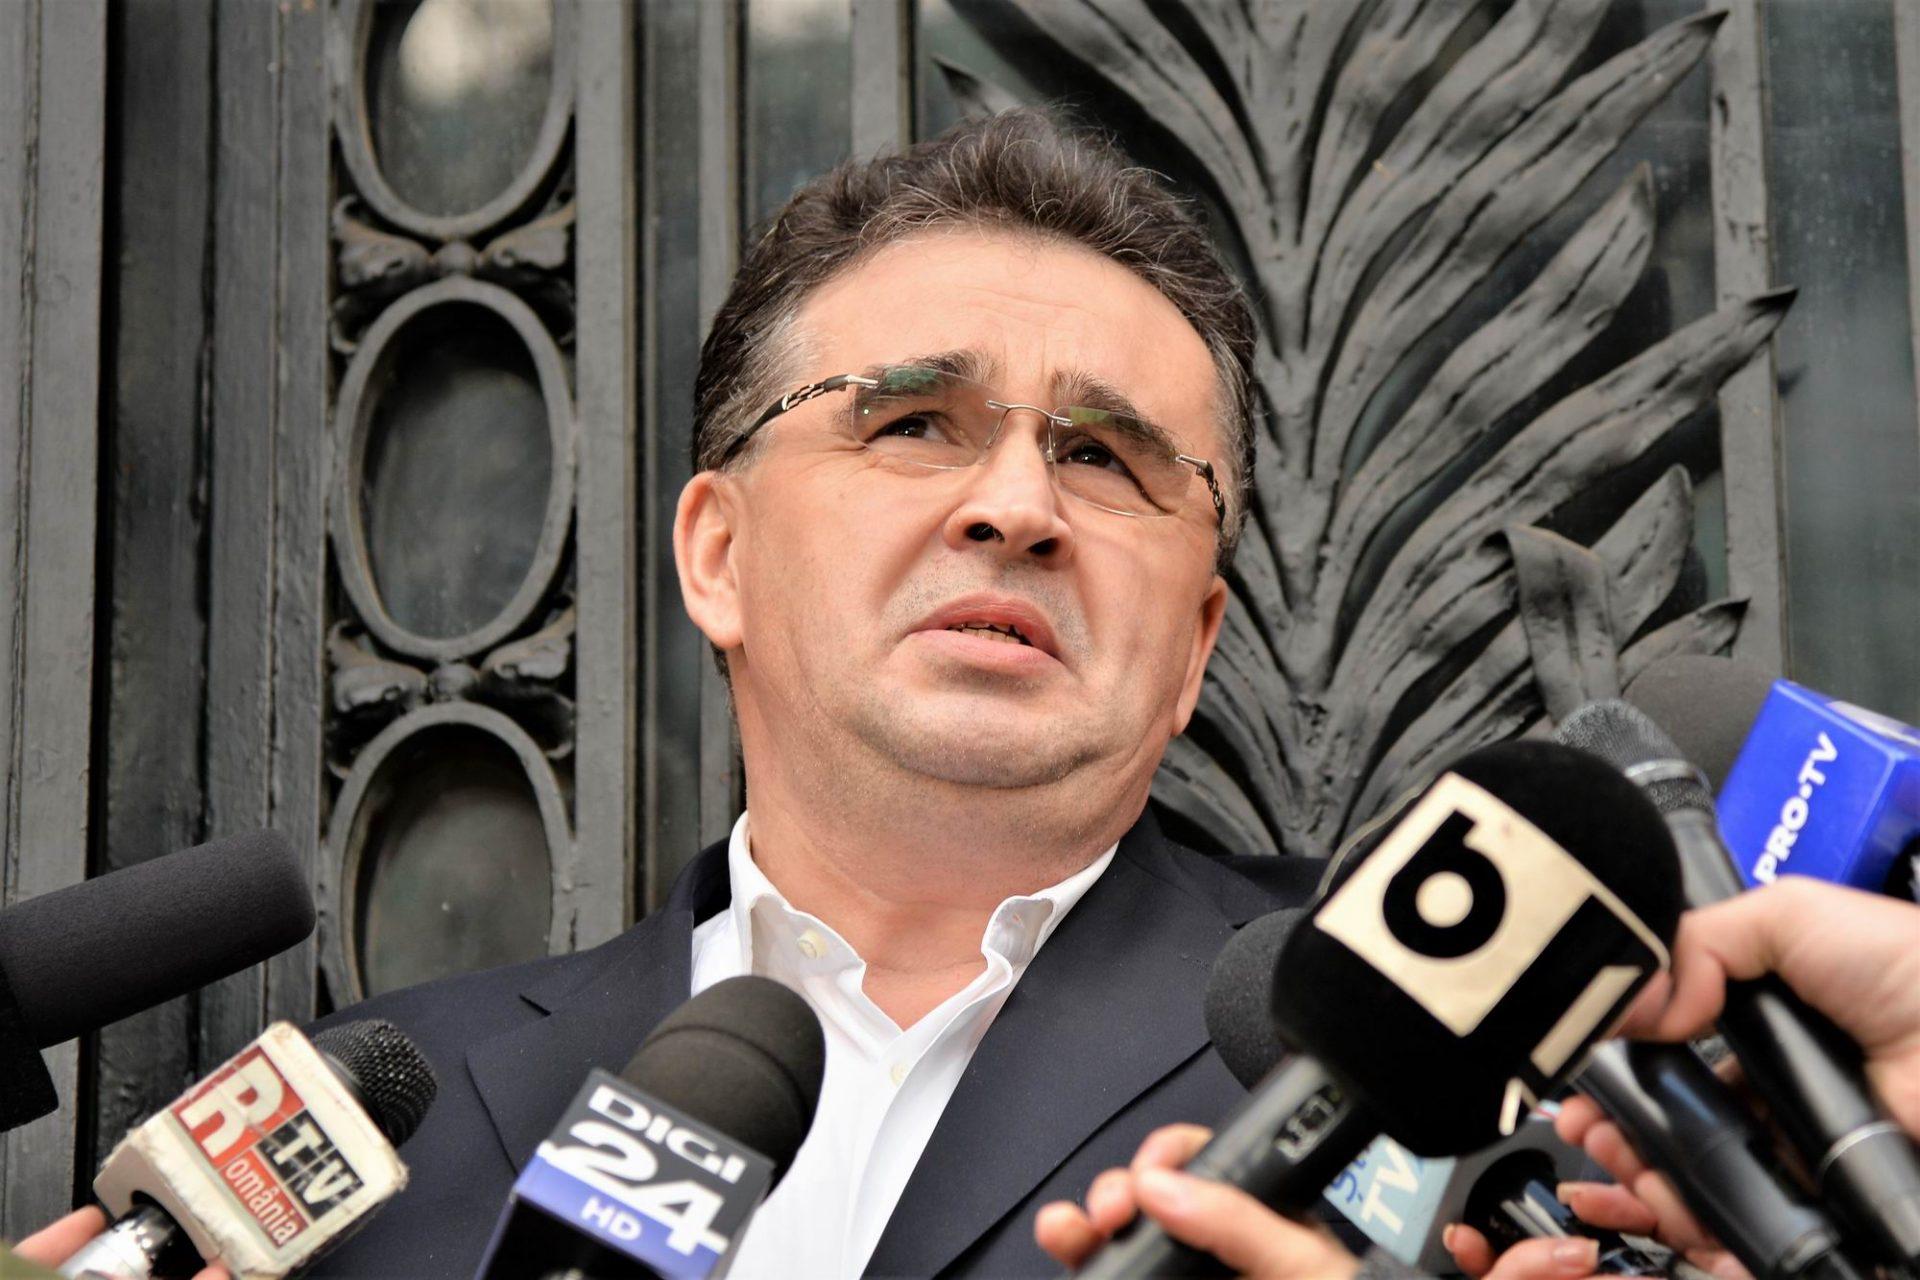 Marian Oprișan, din nou în război cu presa. Conflictul acestuia cu un jurnalist nu este nici primul, nici ultimul